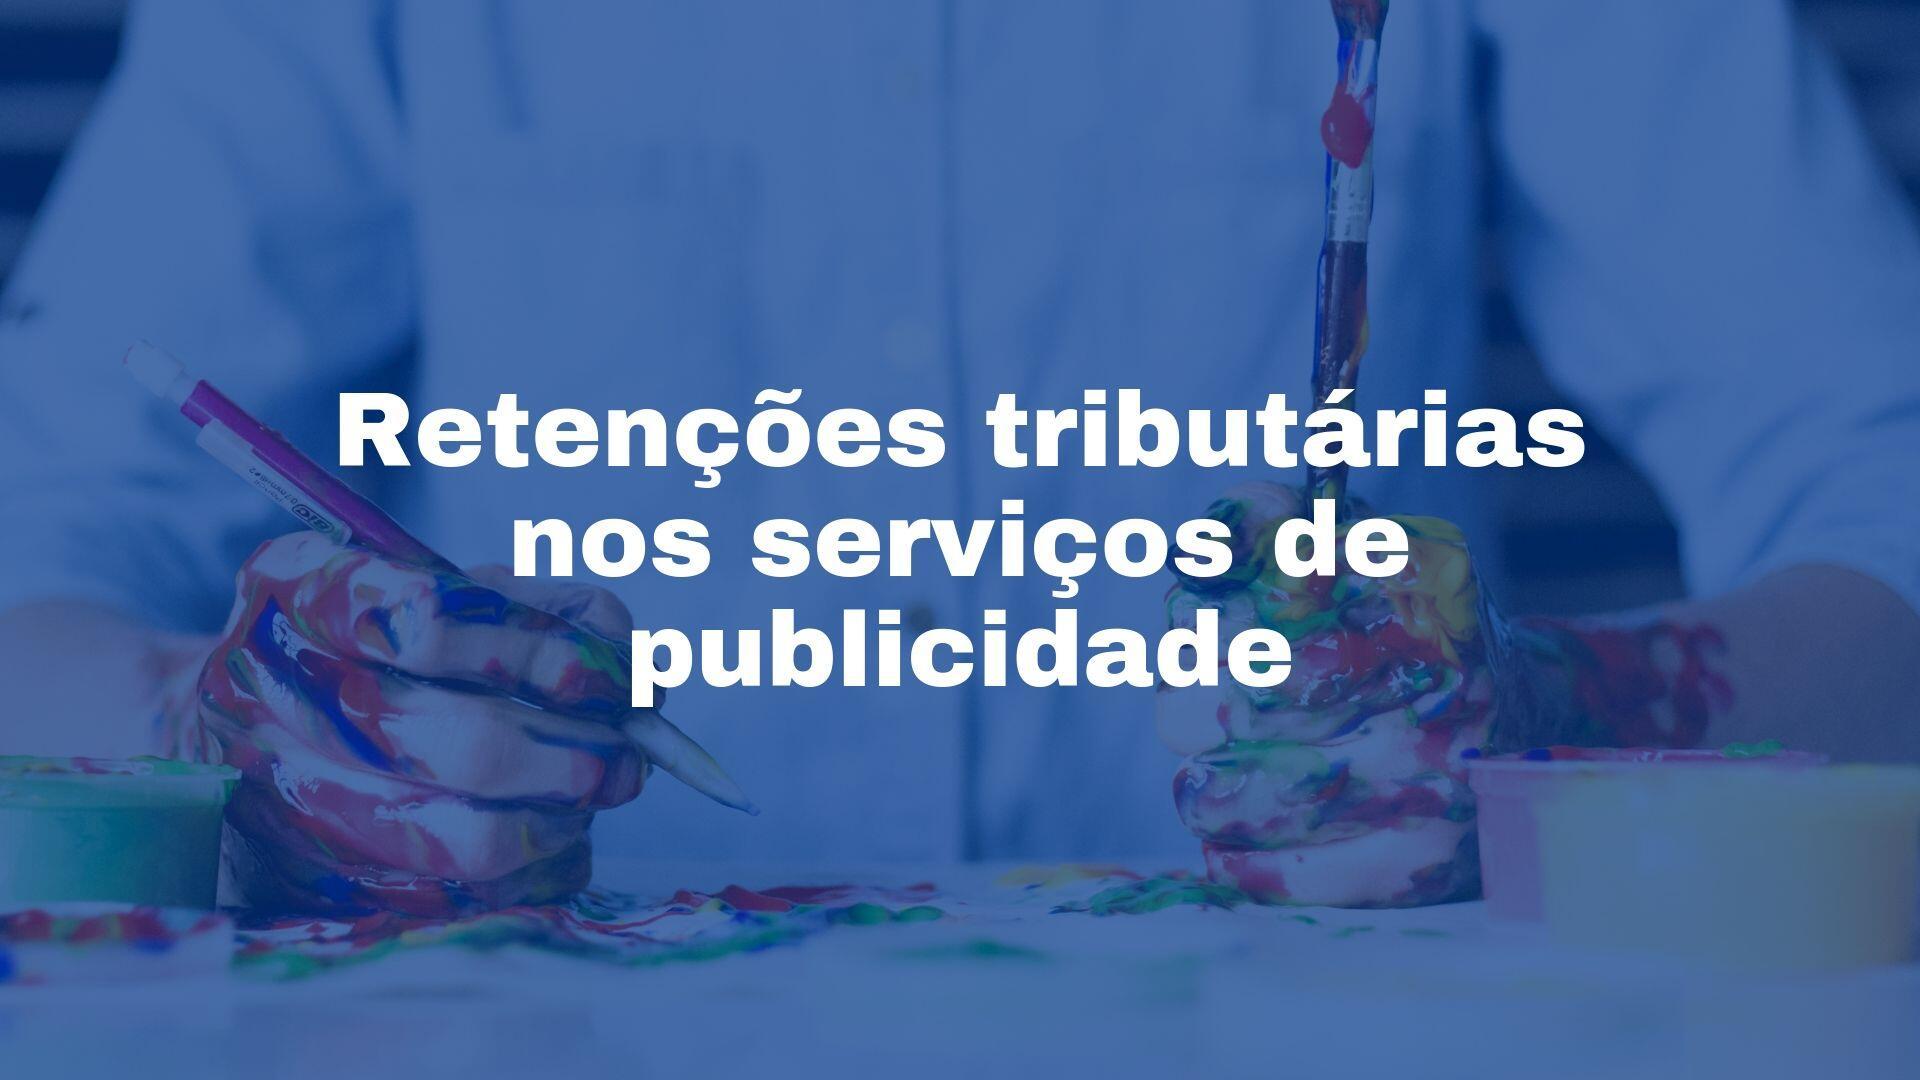 contabilidade para publicidade - retenções tributarias serviço publicidade